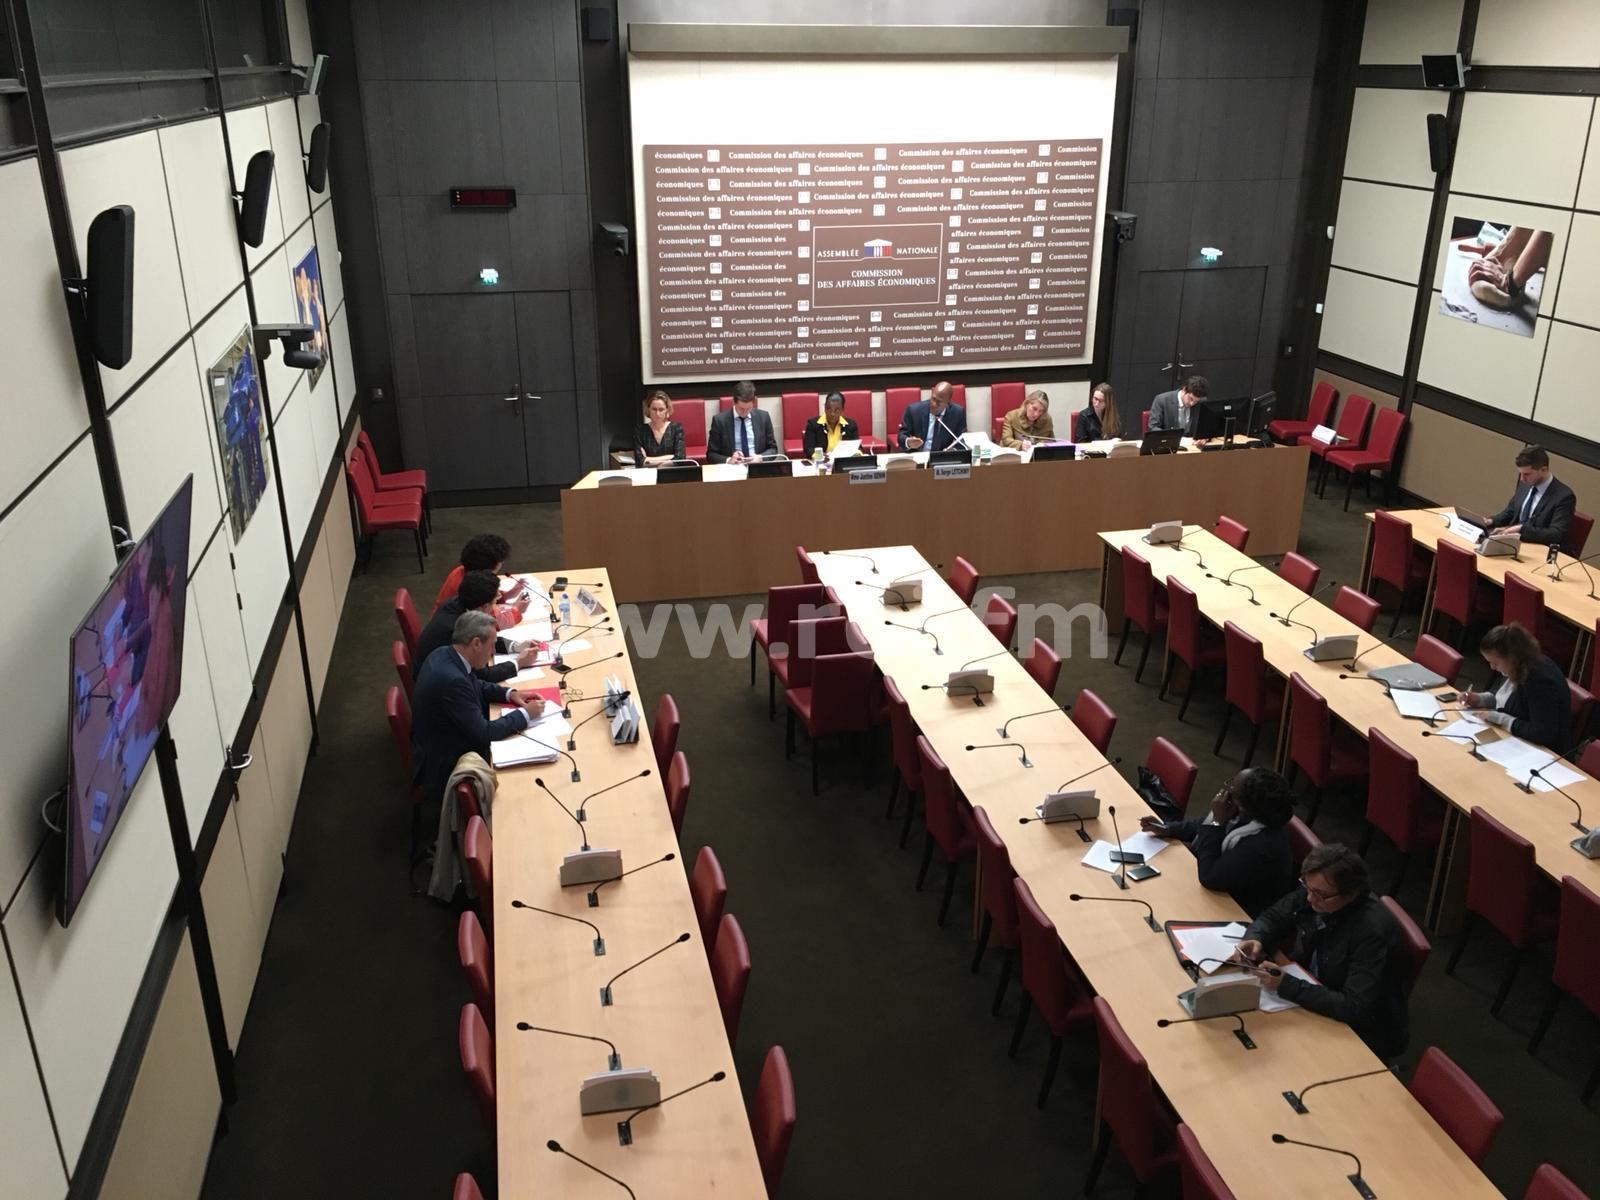 Commission chlordécone : audition de Frédérique Vidal et Agnès Buzyn